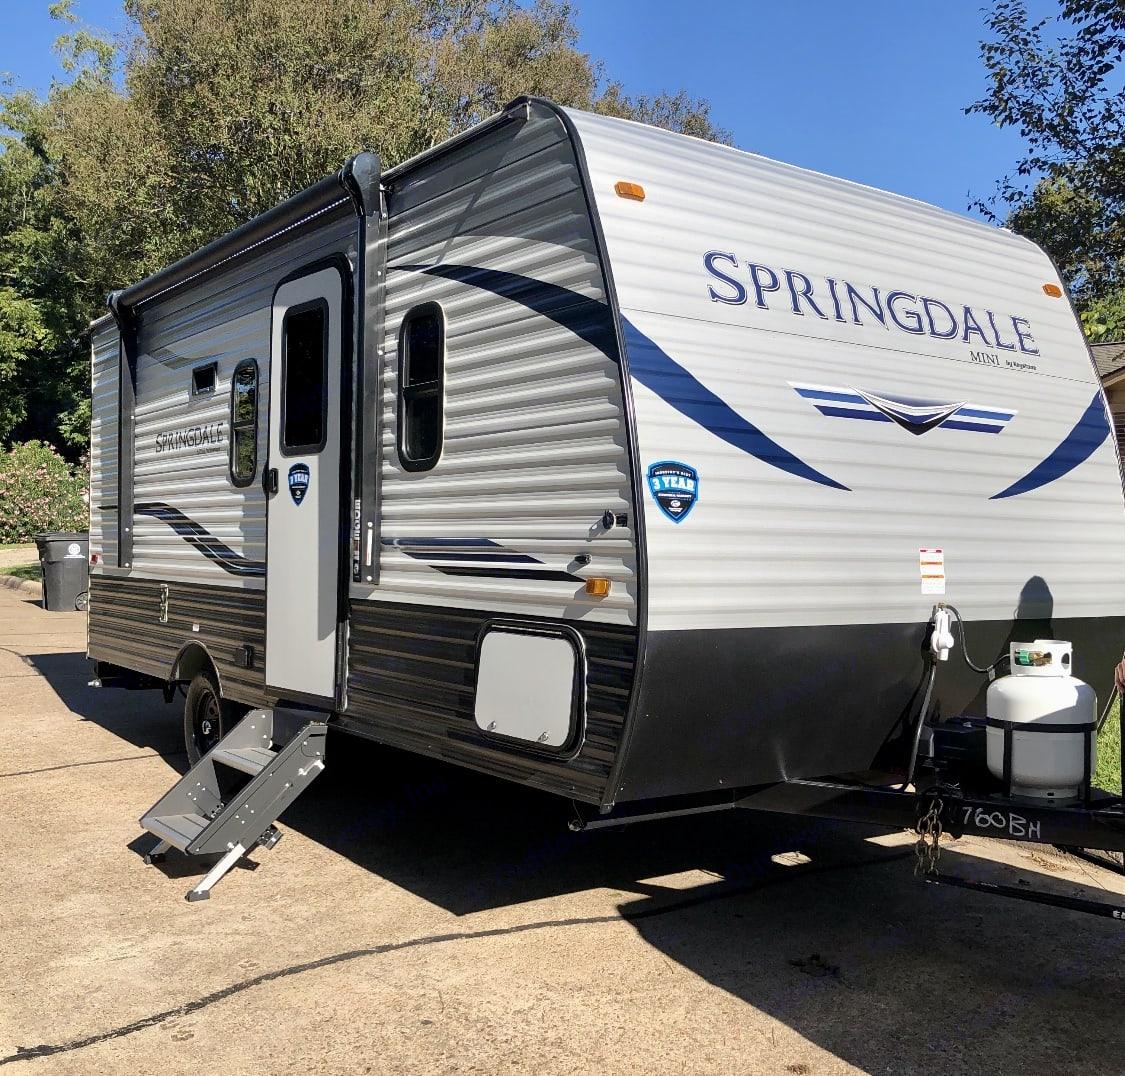 Keystone Springdale Springdale 1760 BH 2021